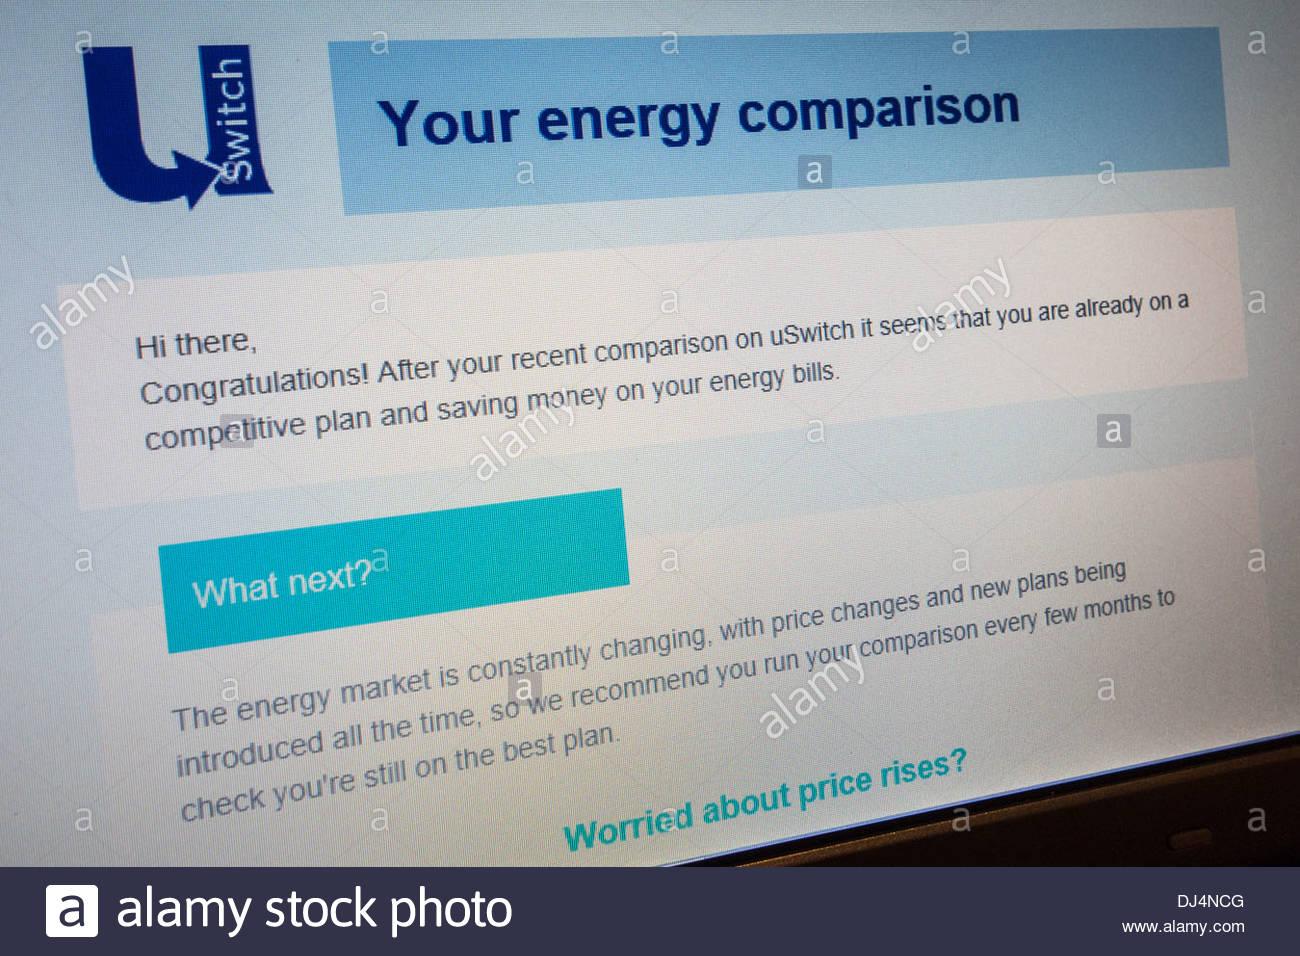 USwitch Energievergleich zeigt, dass der Verbraucher bereits auf einen wettbewerbsfähigen Plan und keine zusätzliche Stockbild